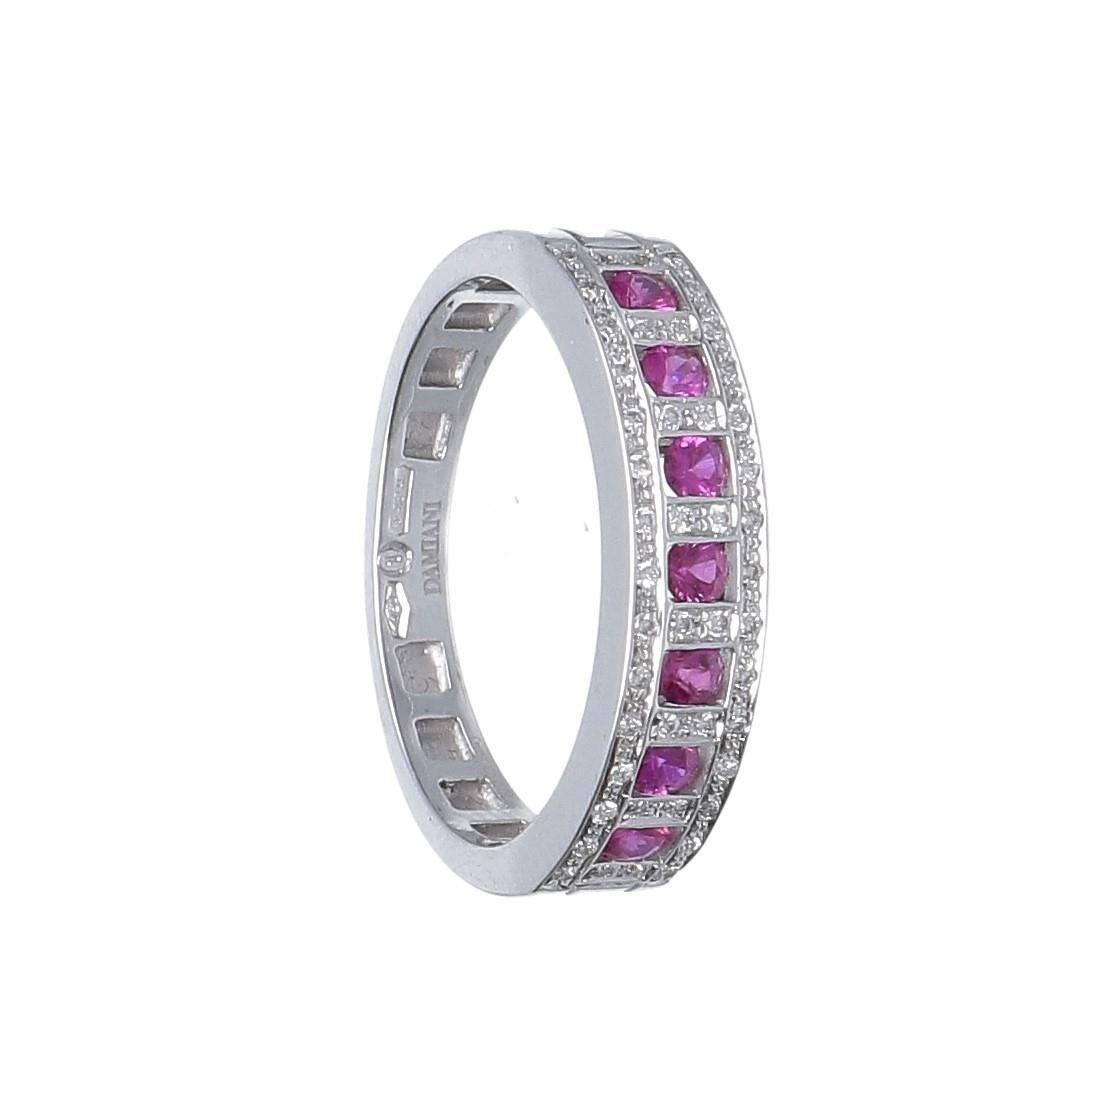 Anello in oro bianco con diamanti e rubini - DAMIANI